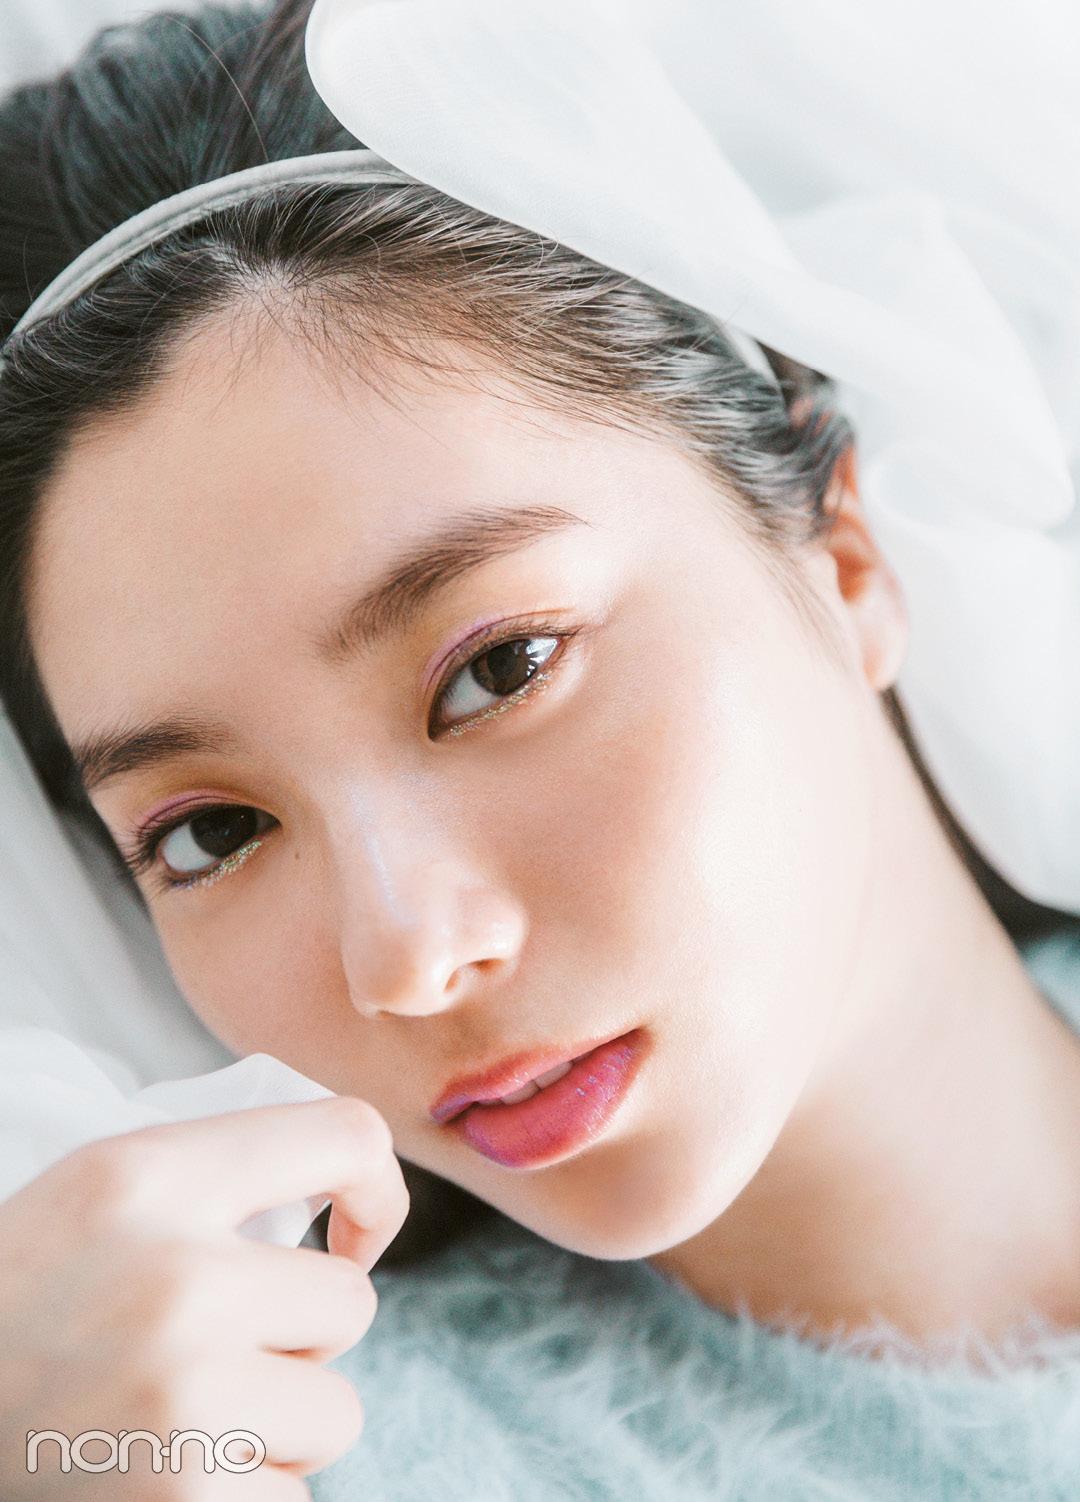 新川優愛のコスパでトレンドメイク♡ ジュエルなラベンダーはこう使う!_1_1